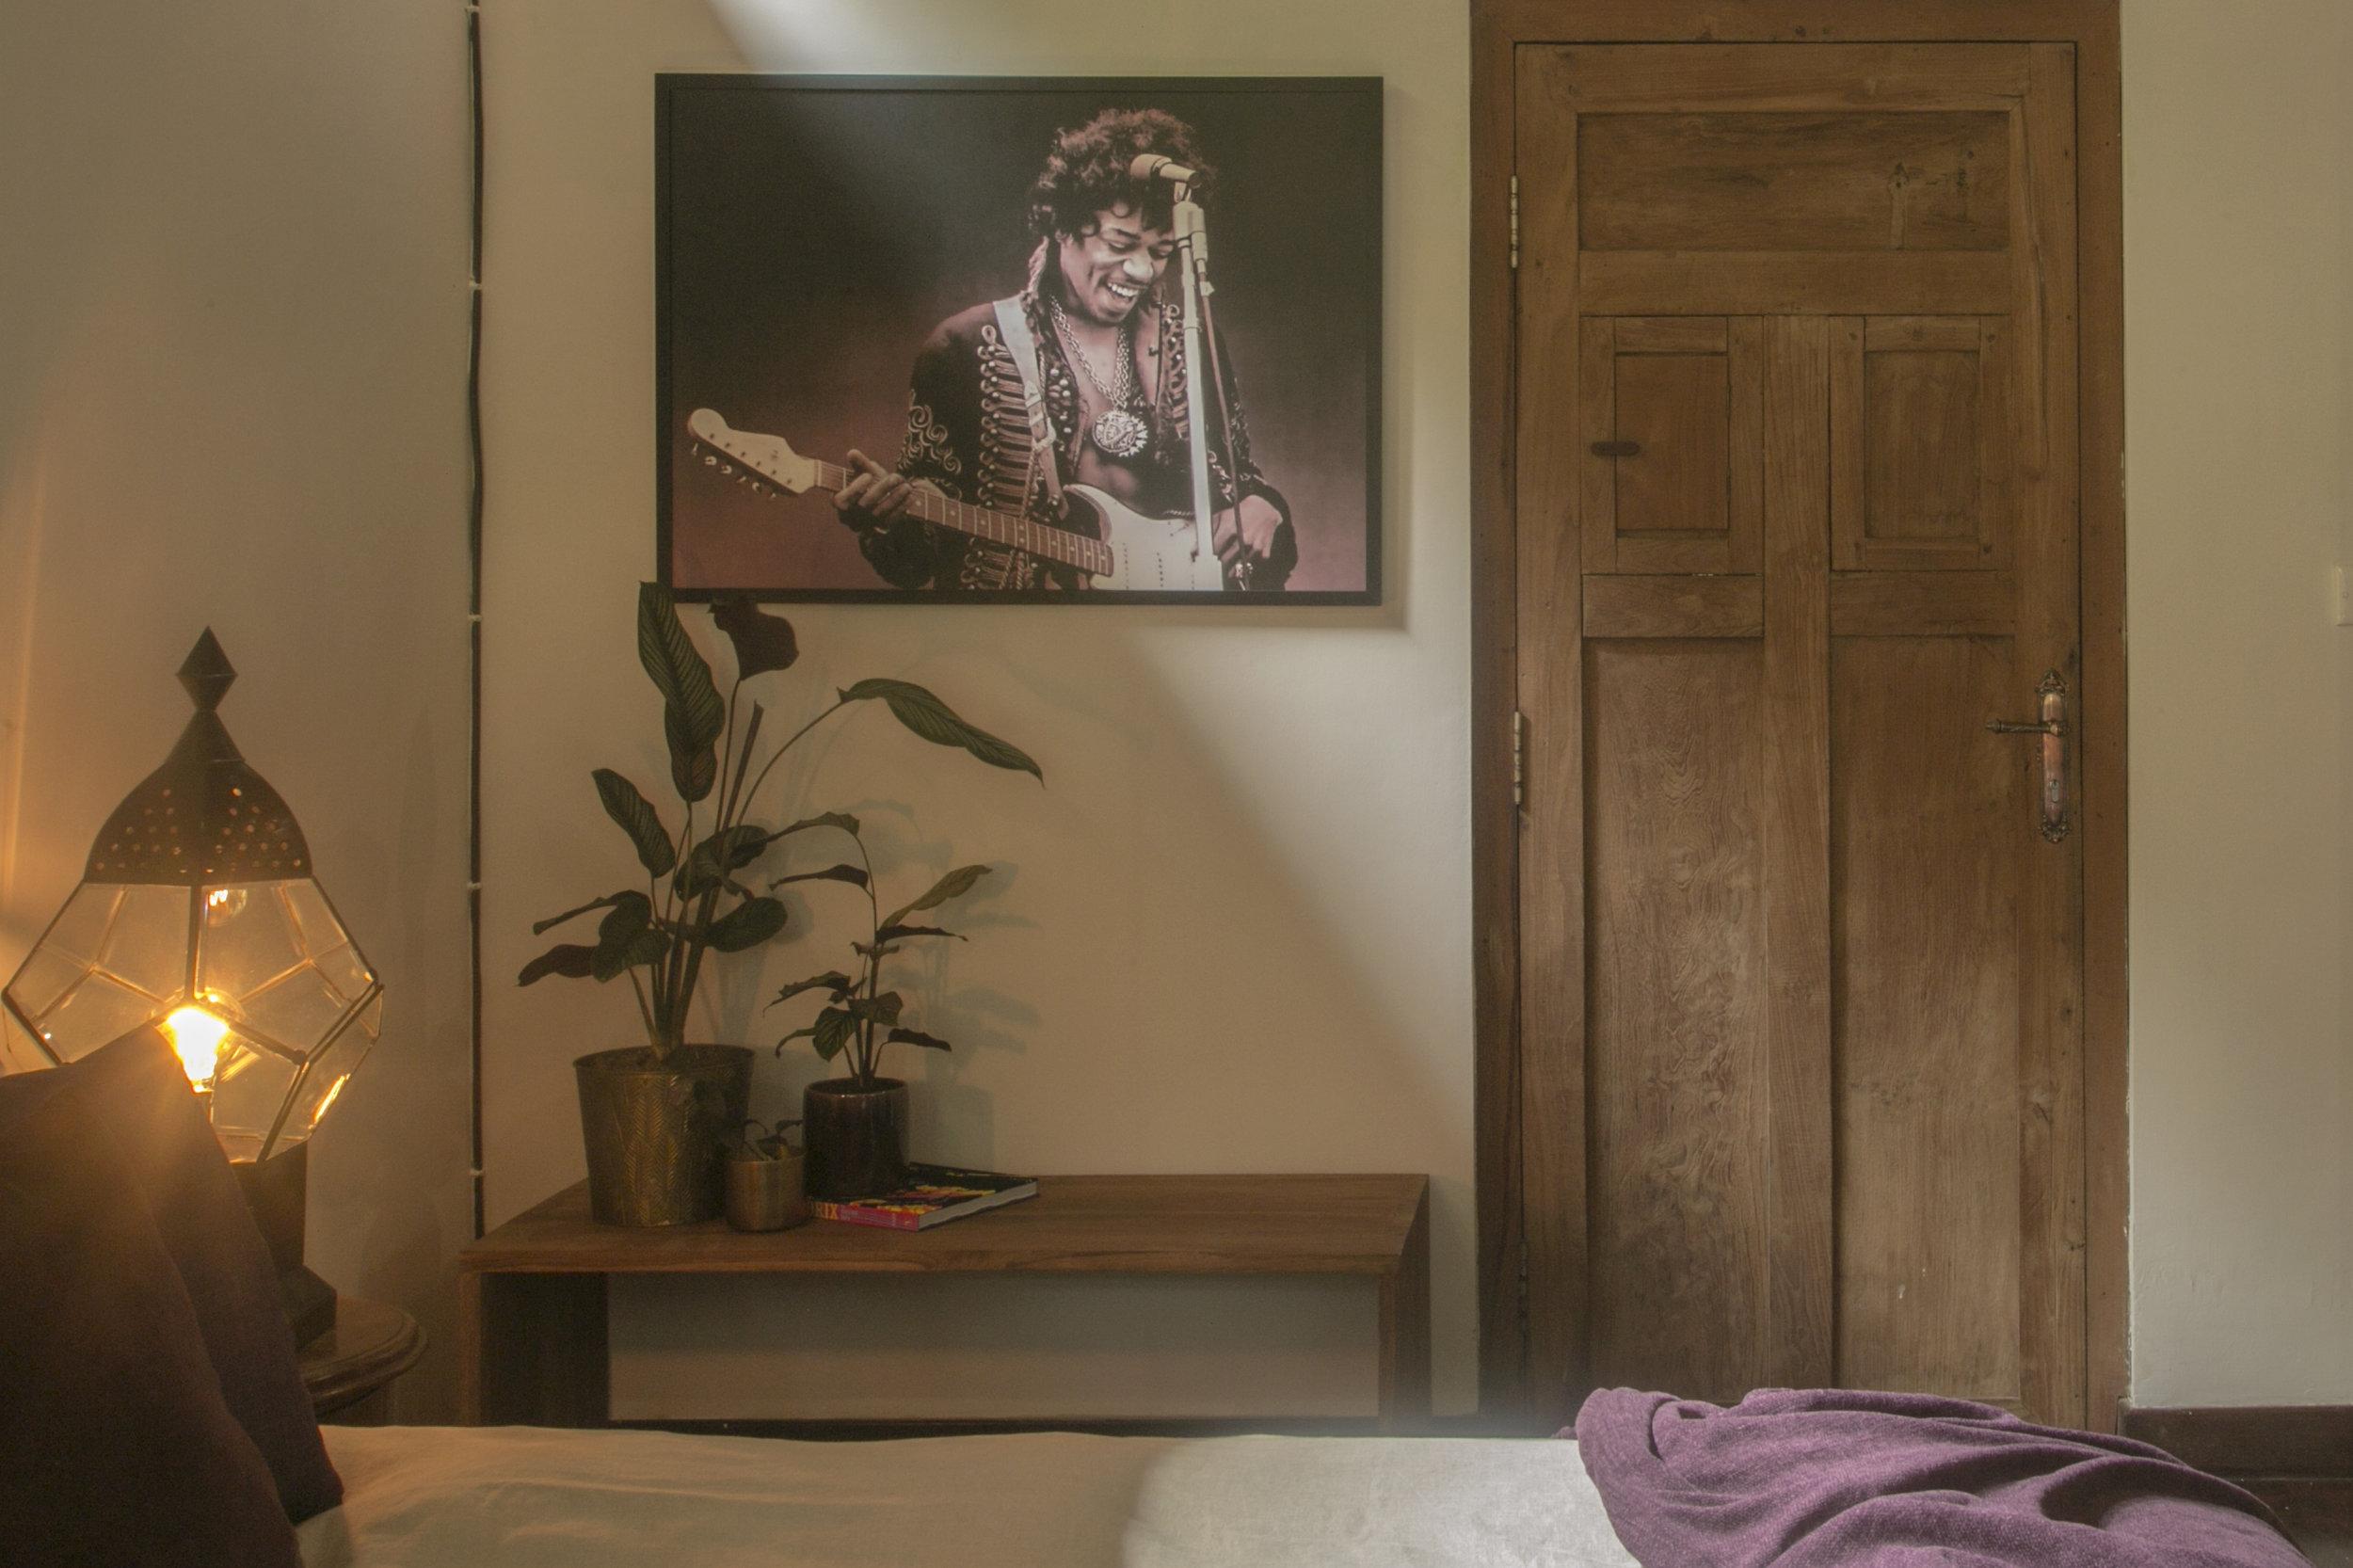 jimihendrix room 2.jpg